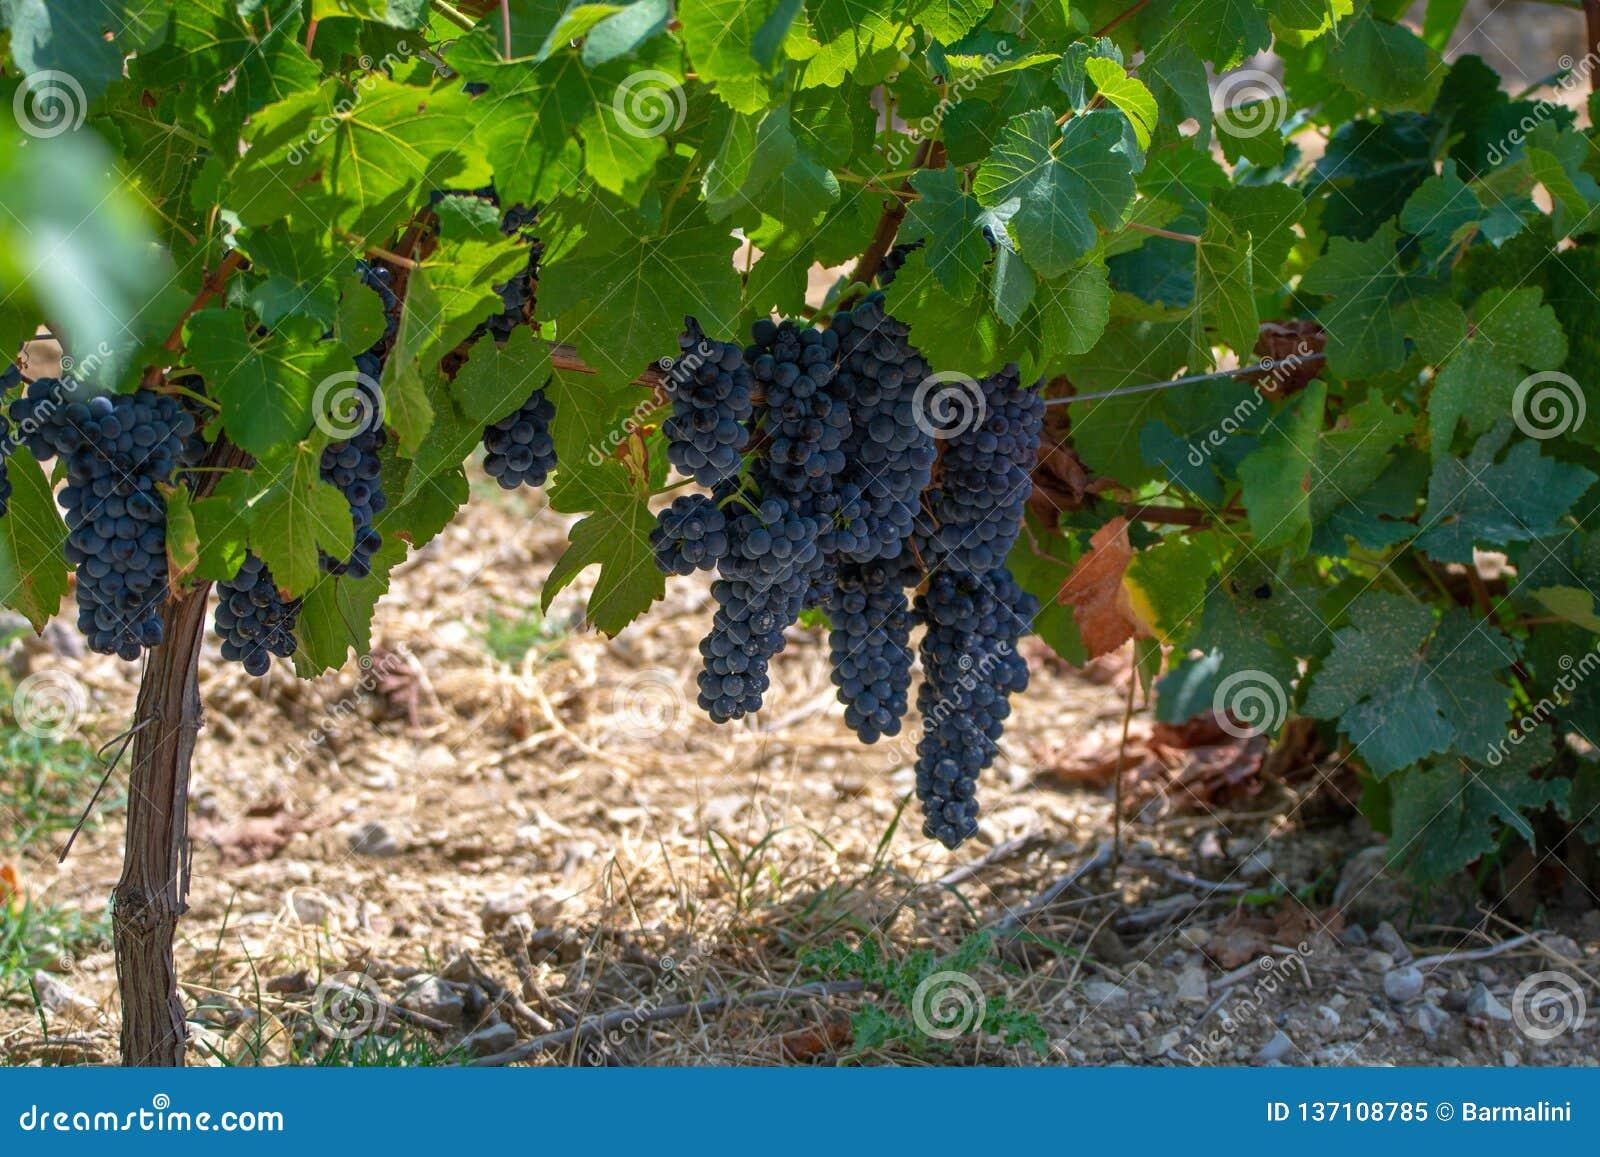 Französische rote AOC-Weinrebeanlage, neue Ernte der Weinrebe in Frankreich-, Vaucluse-, Gigondas-Gebiet oder in Chateauweinberg